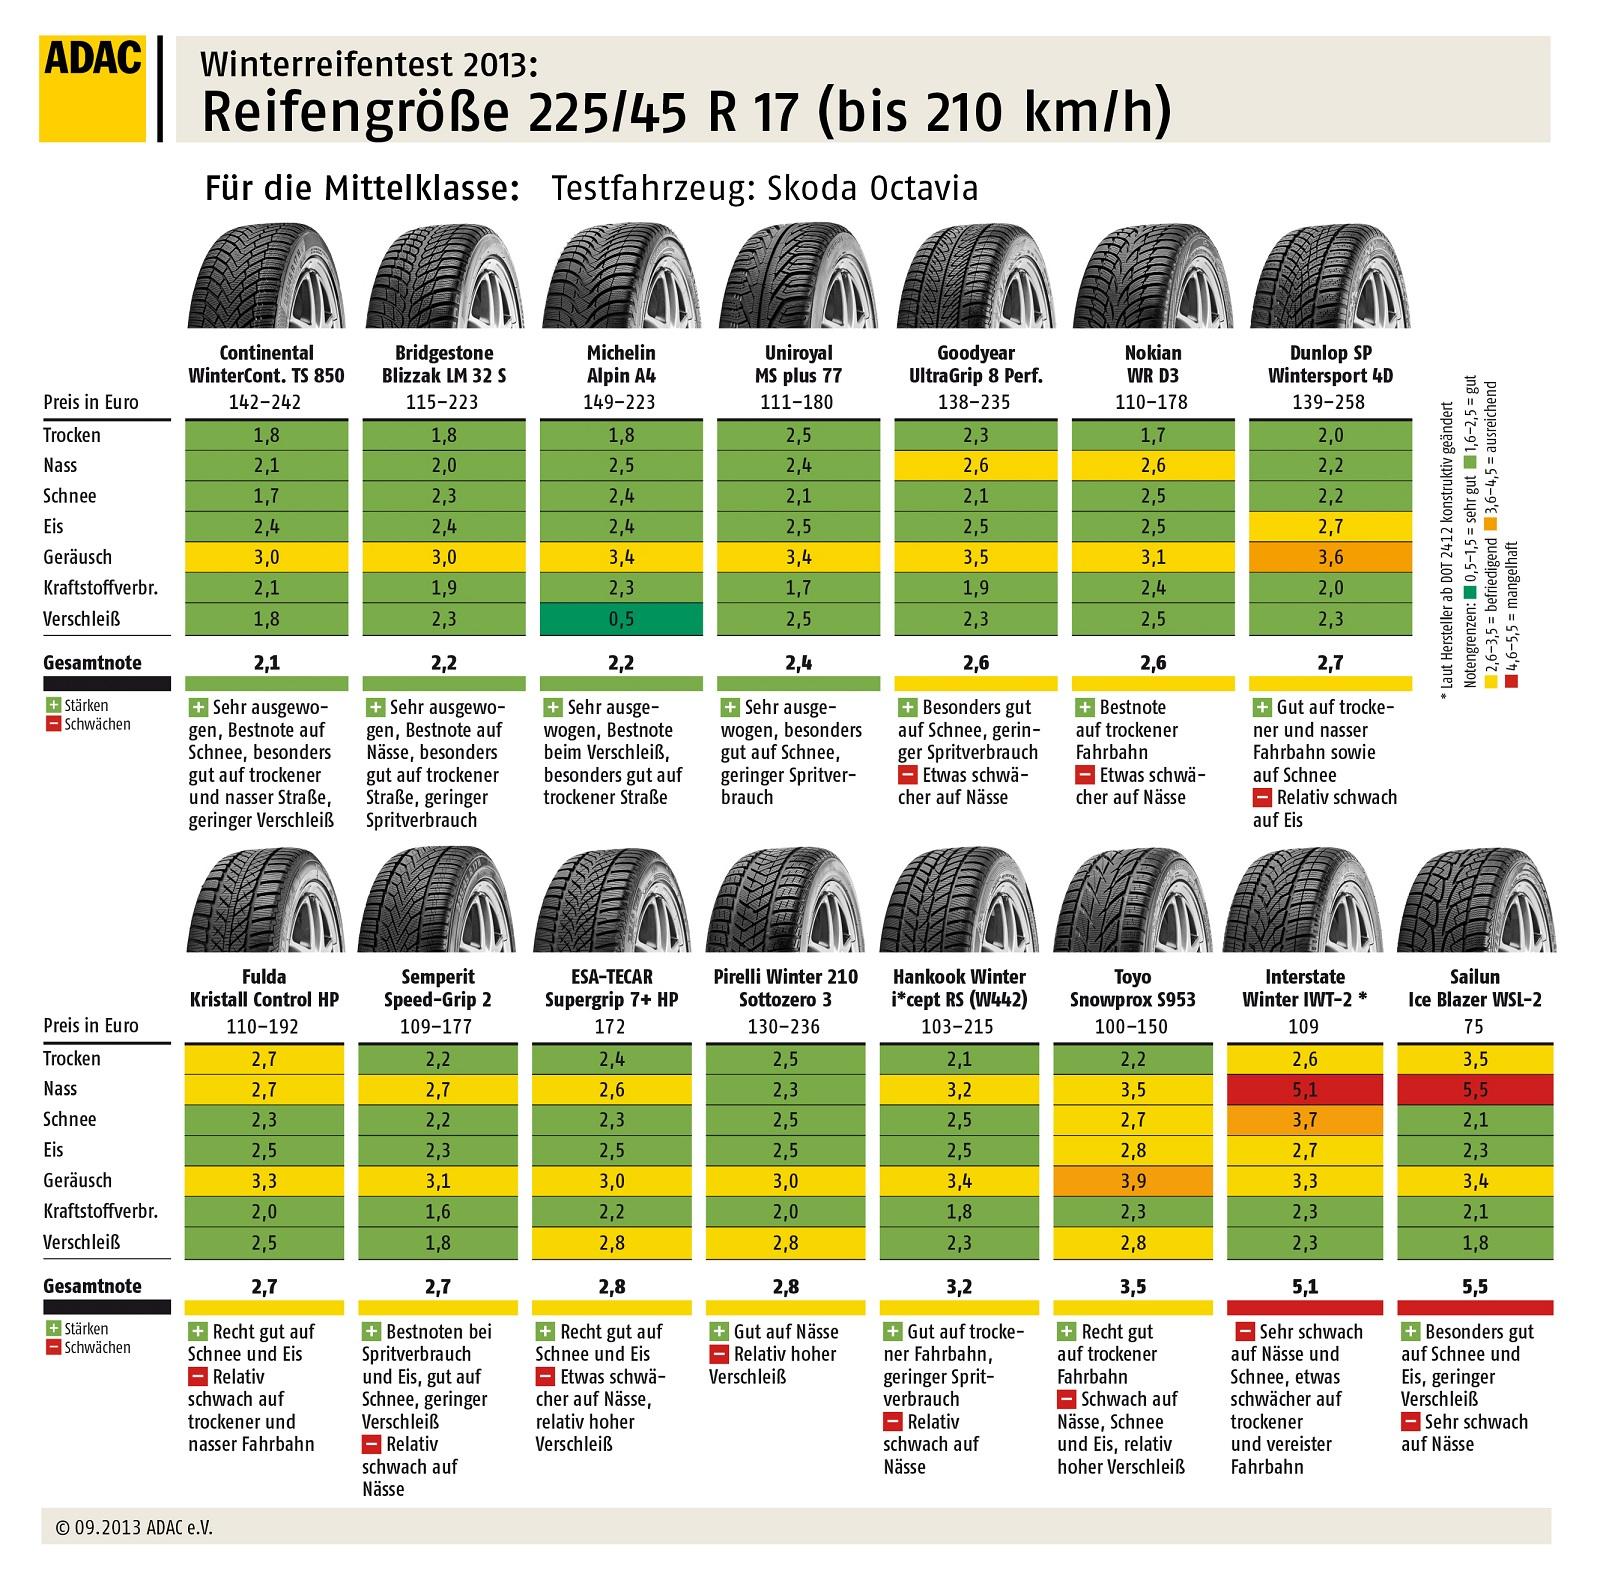 Test Pneumatici Invernali 2013 – 2014 ADAC – 225/45 R17